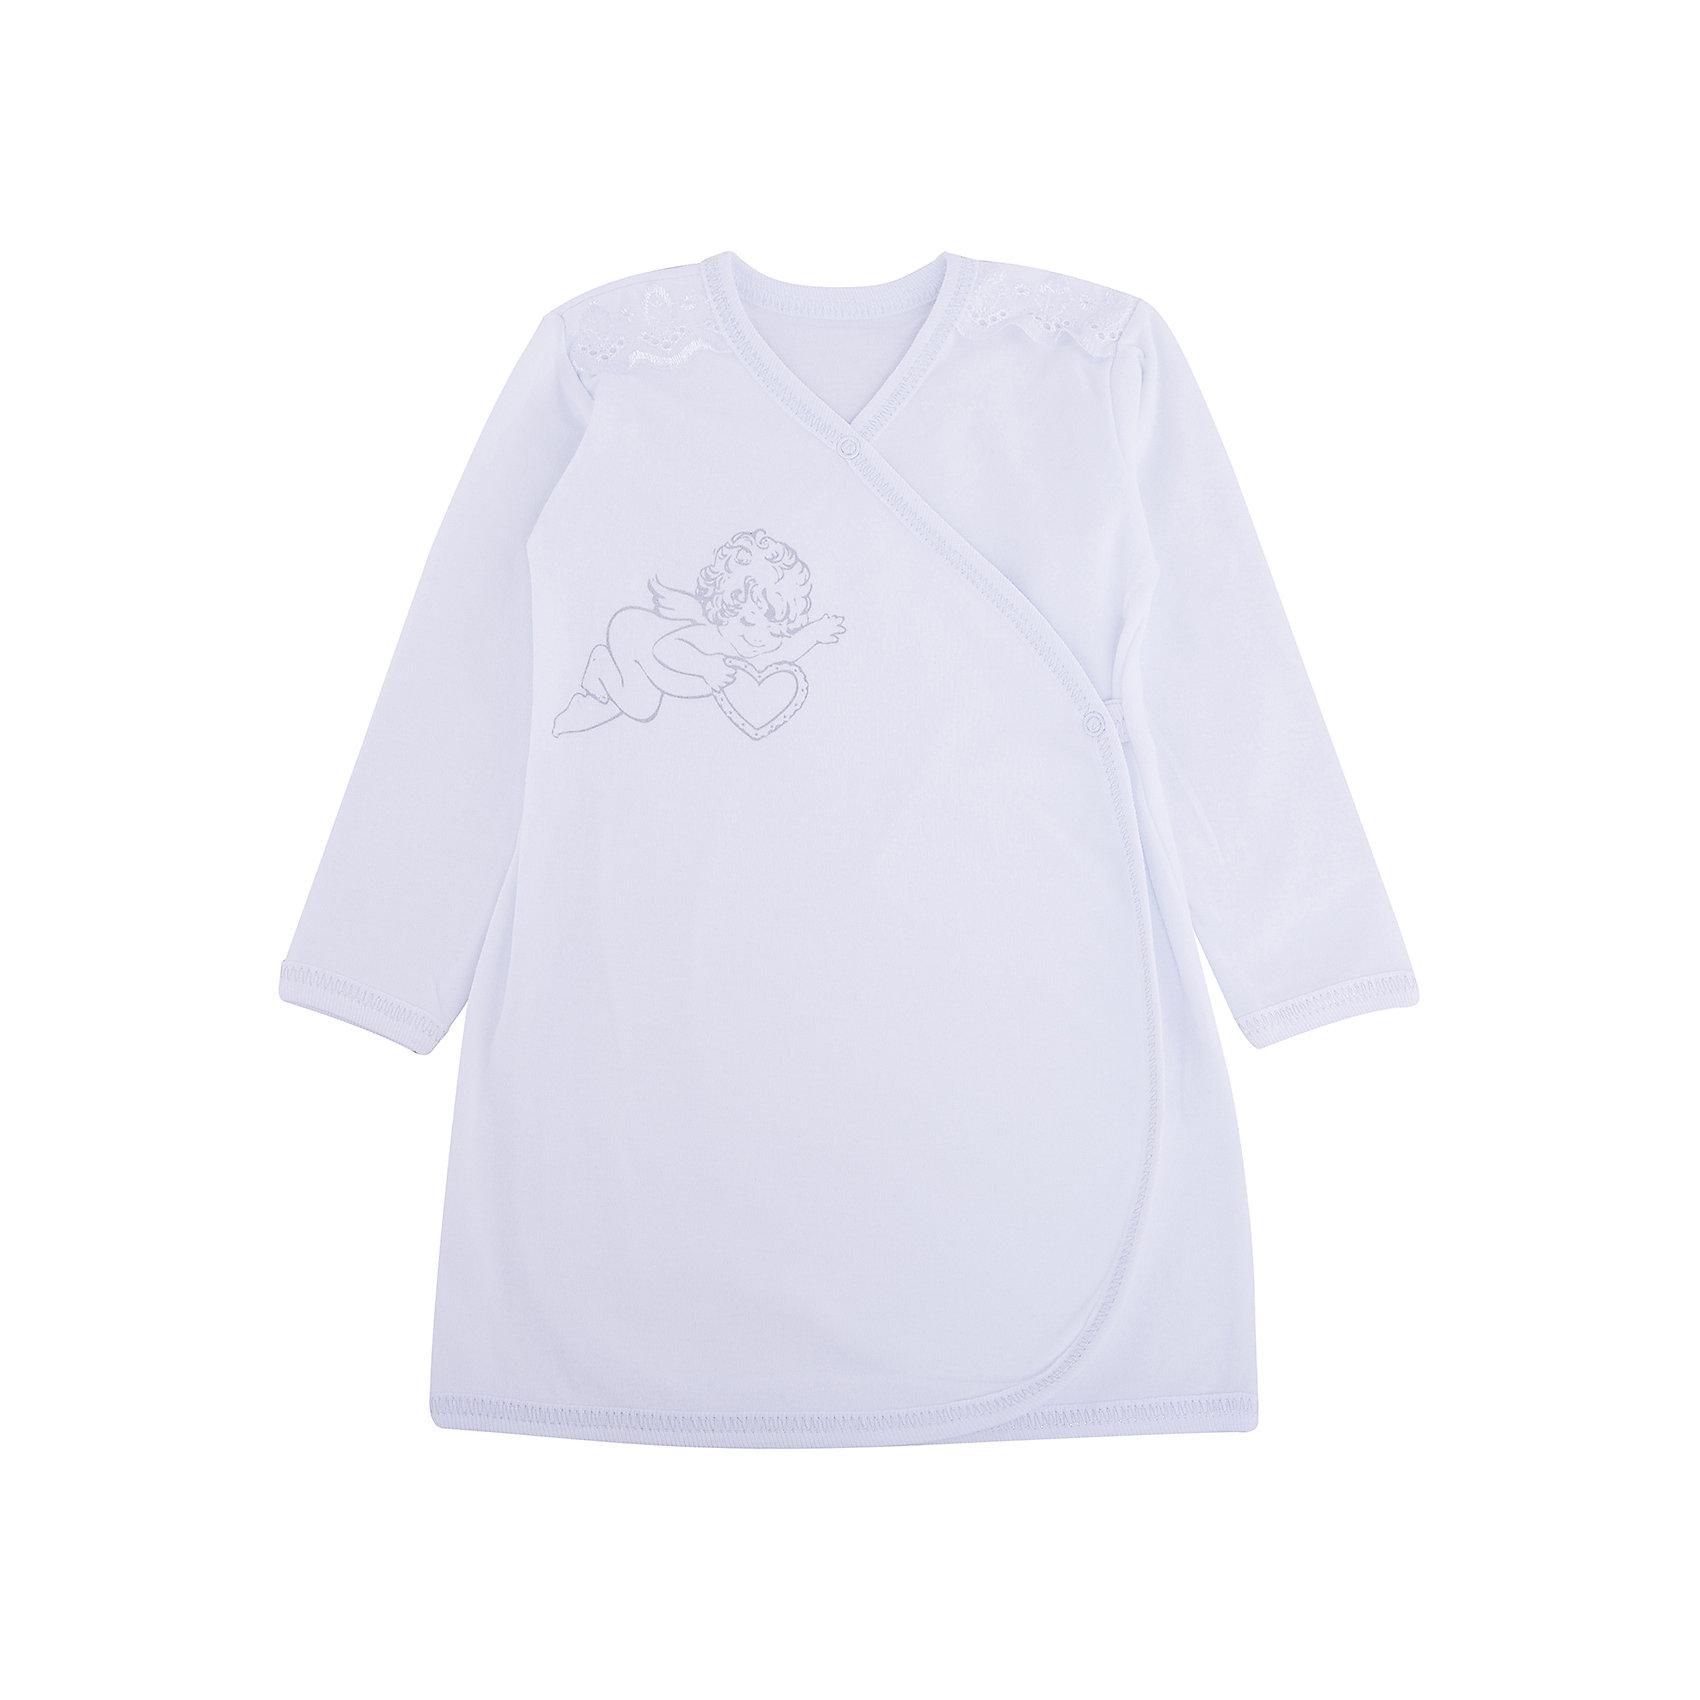 Крестильная рубашка с шитьем, р-р 80,  NewBorn, белыйНаборы одежды, конверты на выписку<br>Характеристики:<br><br>• Вид детской одежды: рубашка с запахом<br>• Предназначение: для крещения<br>• Коллекция: NewBorn<br>• Сезон: круглый год<br>• Пол: для мальчика<br>• Тематика рисунка: ангелы<br>• Размер: 80<br>• Цвет: белый<br>• Материал: трикотаж, хлопок<br>• Длина рукава: длинные<br>• Запах: спереди<br>• Застежка: спереди на кнопке<br>• Декорирована широкой тесьмой из шитья <br>• Передняя полочка украшена термонаклейкой в виде ангела<br>• Особенности ухода: допускается деликатная стирка без использования красящих и отбеливающих средств<br><br>Крестильная рубашка с шитьем, р-р 80, NewBorn, белый из коллекции NewBorn от отечественного швейного производства ТексПром предназначена для создания праздничного образа мальчика во время торжественного обряда крещения. Коллекция NewBorn сочетает в себе классические и современные тенденции в мире моды для новорожденных, при этом сохраняются самые лучшие традиции при технологии изготовления детской одежды: свободный крой, внешние швы и натуральные ткани.  Рубашка с длинными рукавами выполнена из трикотажа, все края которой обработаны трикотажной бейкой. Изделие имеет передний запах с застежкой на кнопке, что обеспечивает его легкое одевание. Праздничный образ создается за счет отделки из широкого шитья на плечиках и термонаклейки на передней полочке в виде ангела. <br><br>Крестильную рубашку с шитьем, р-р 80, NewBorn, белый можно купить в нашем интернет-магазине.<br><br>Ширина мм: 220<br>Глубина мм: 5<br>Высота мм: 400<br>Вес г: 200<br>Возраст от месяцев: 9<br>Возраст до месяцев: 12<br>Пол: Мужской<br>Возраст: Детский<br>SKU: 4912527